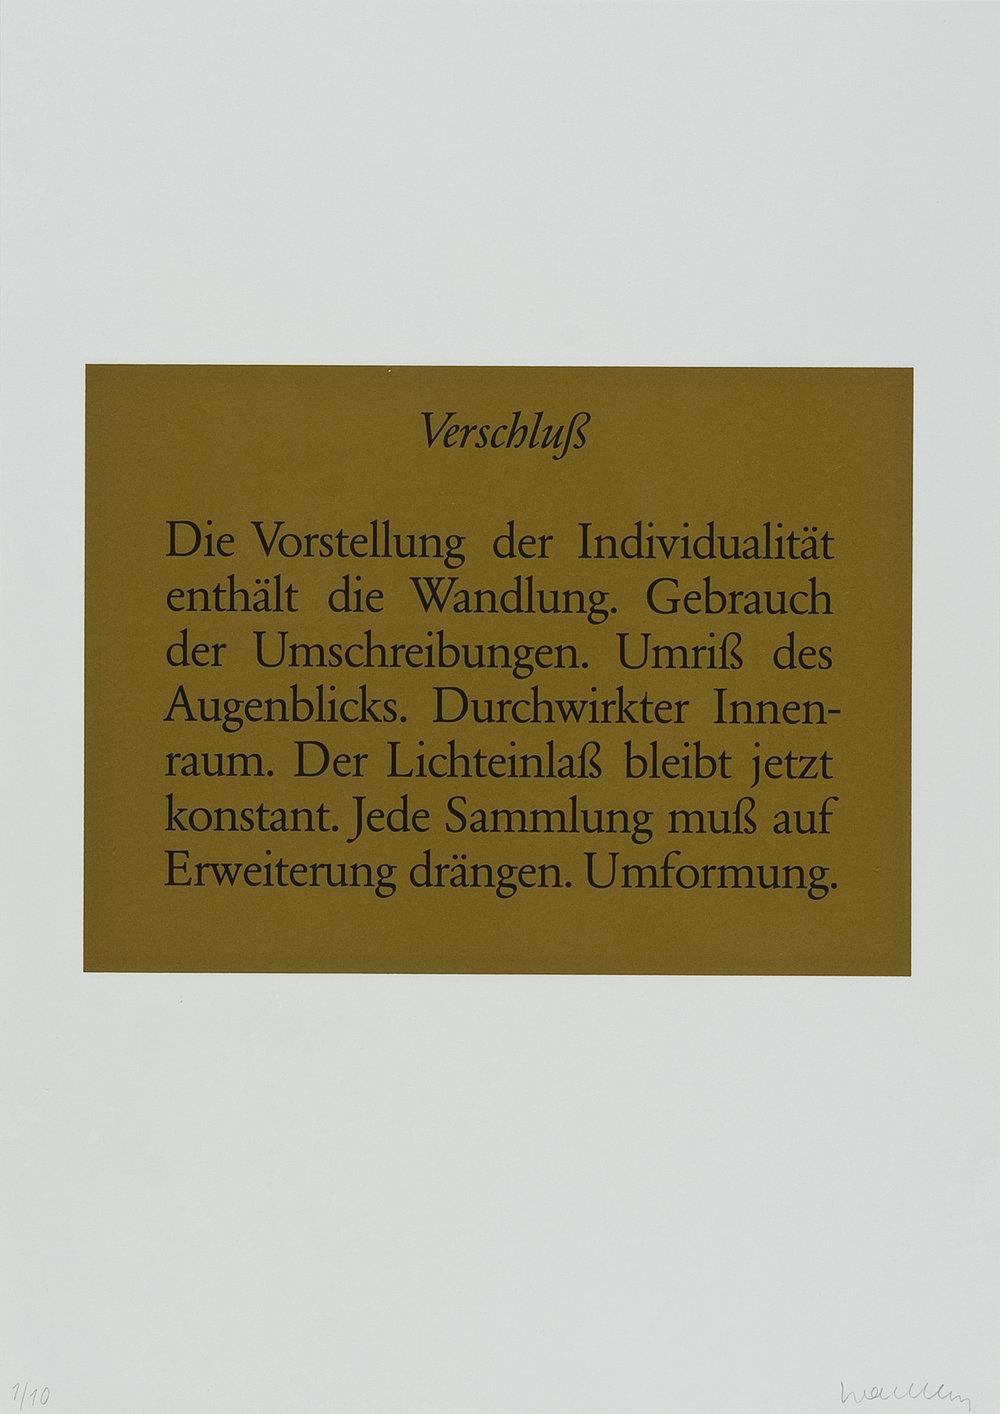 o.T. (Verschuß) | 1986 | Lithographie | 60 x 42 cm